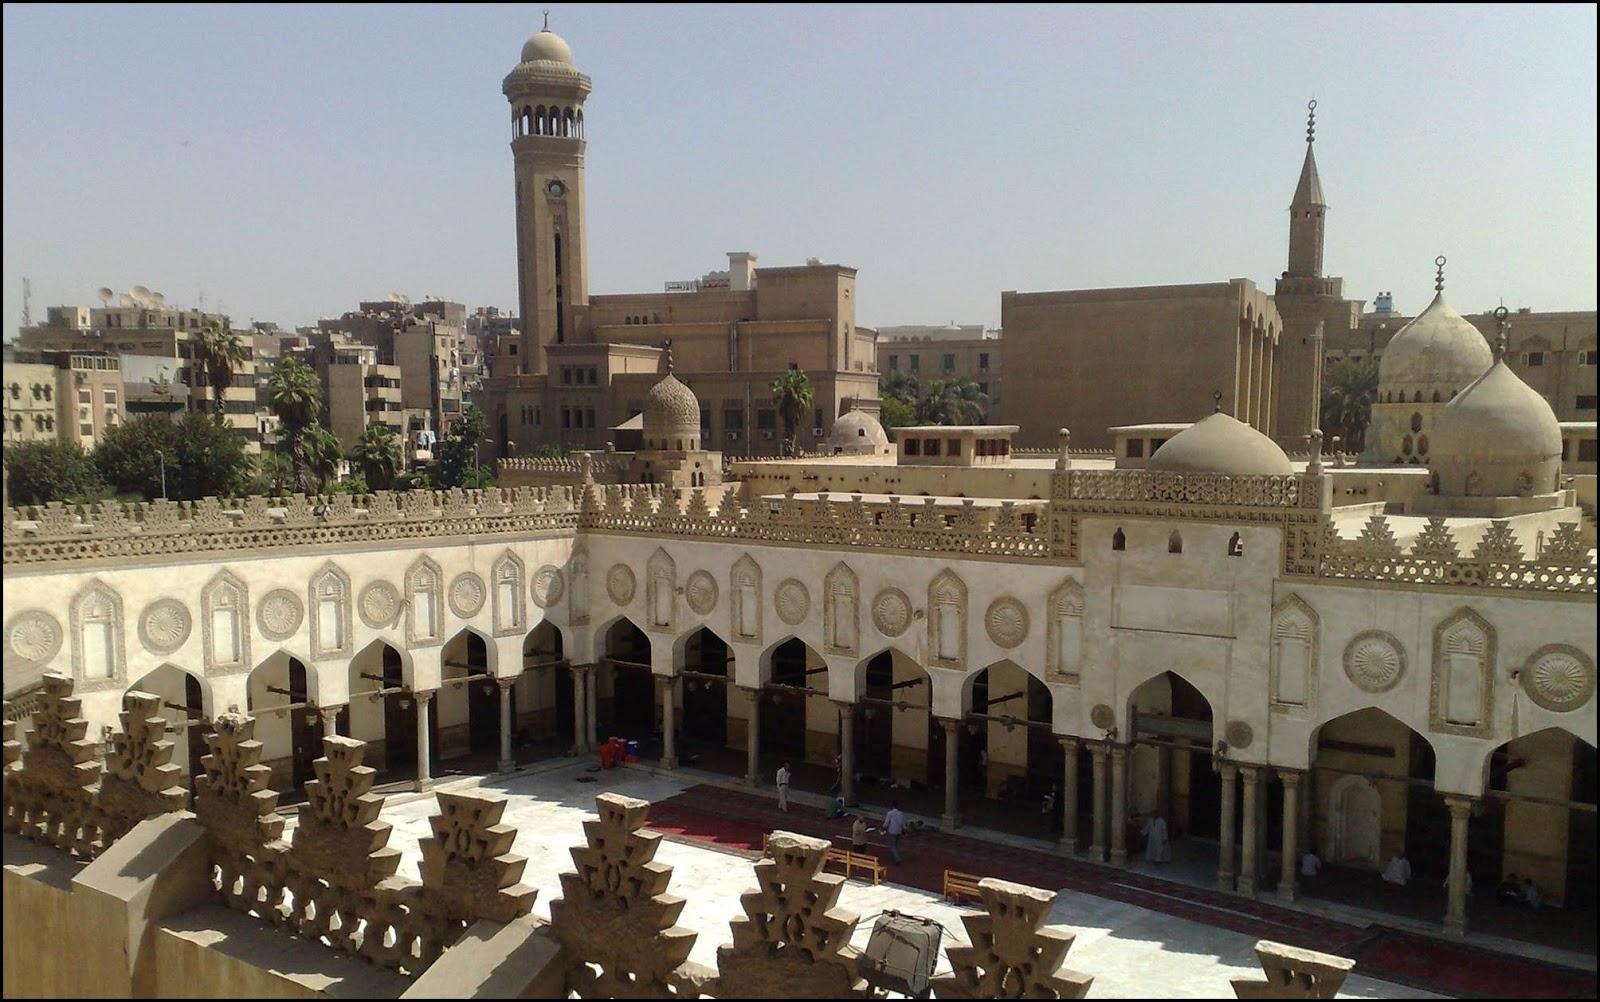 Azhar: Jedan od najstarijih univerziteta ima 79 fakulteta, 143 smjera i preko 300 000 studenata